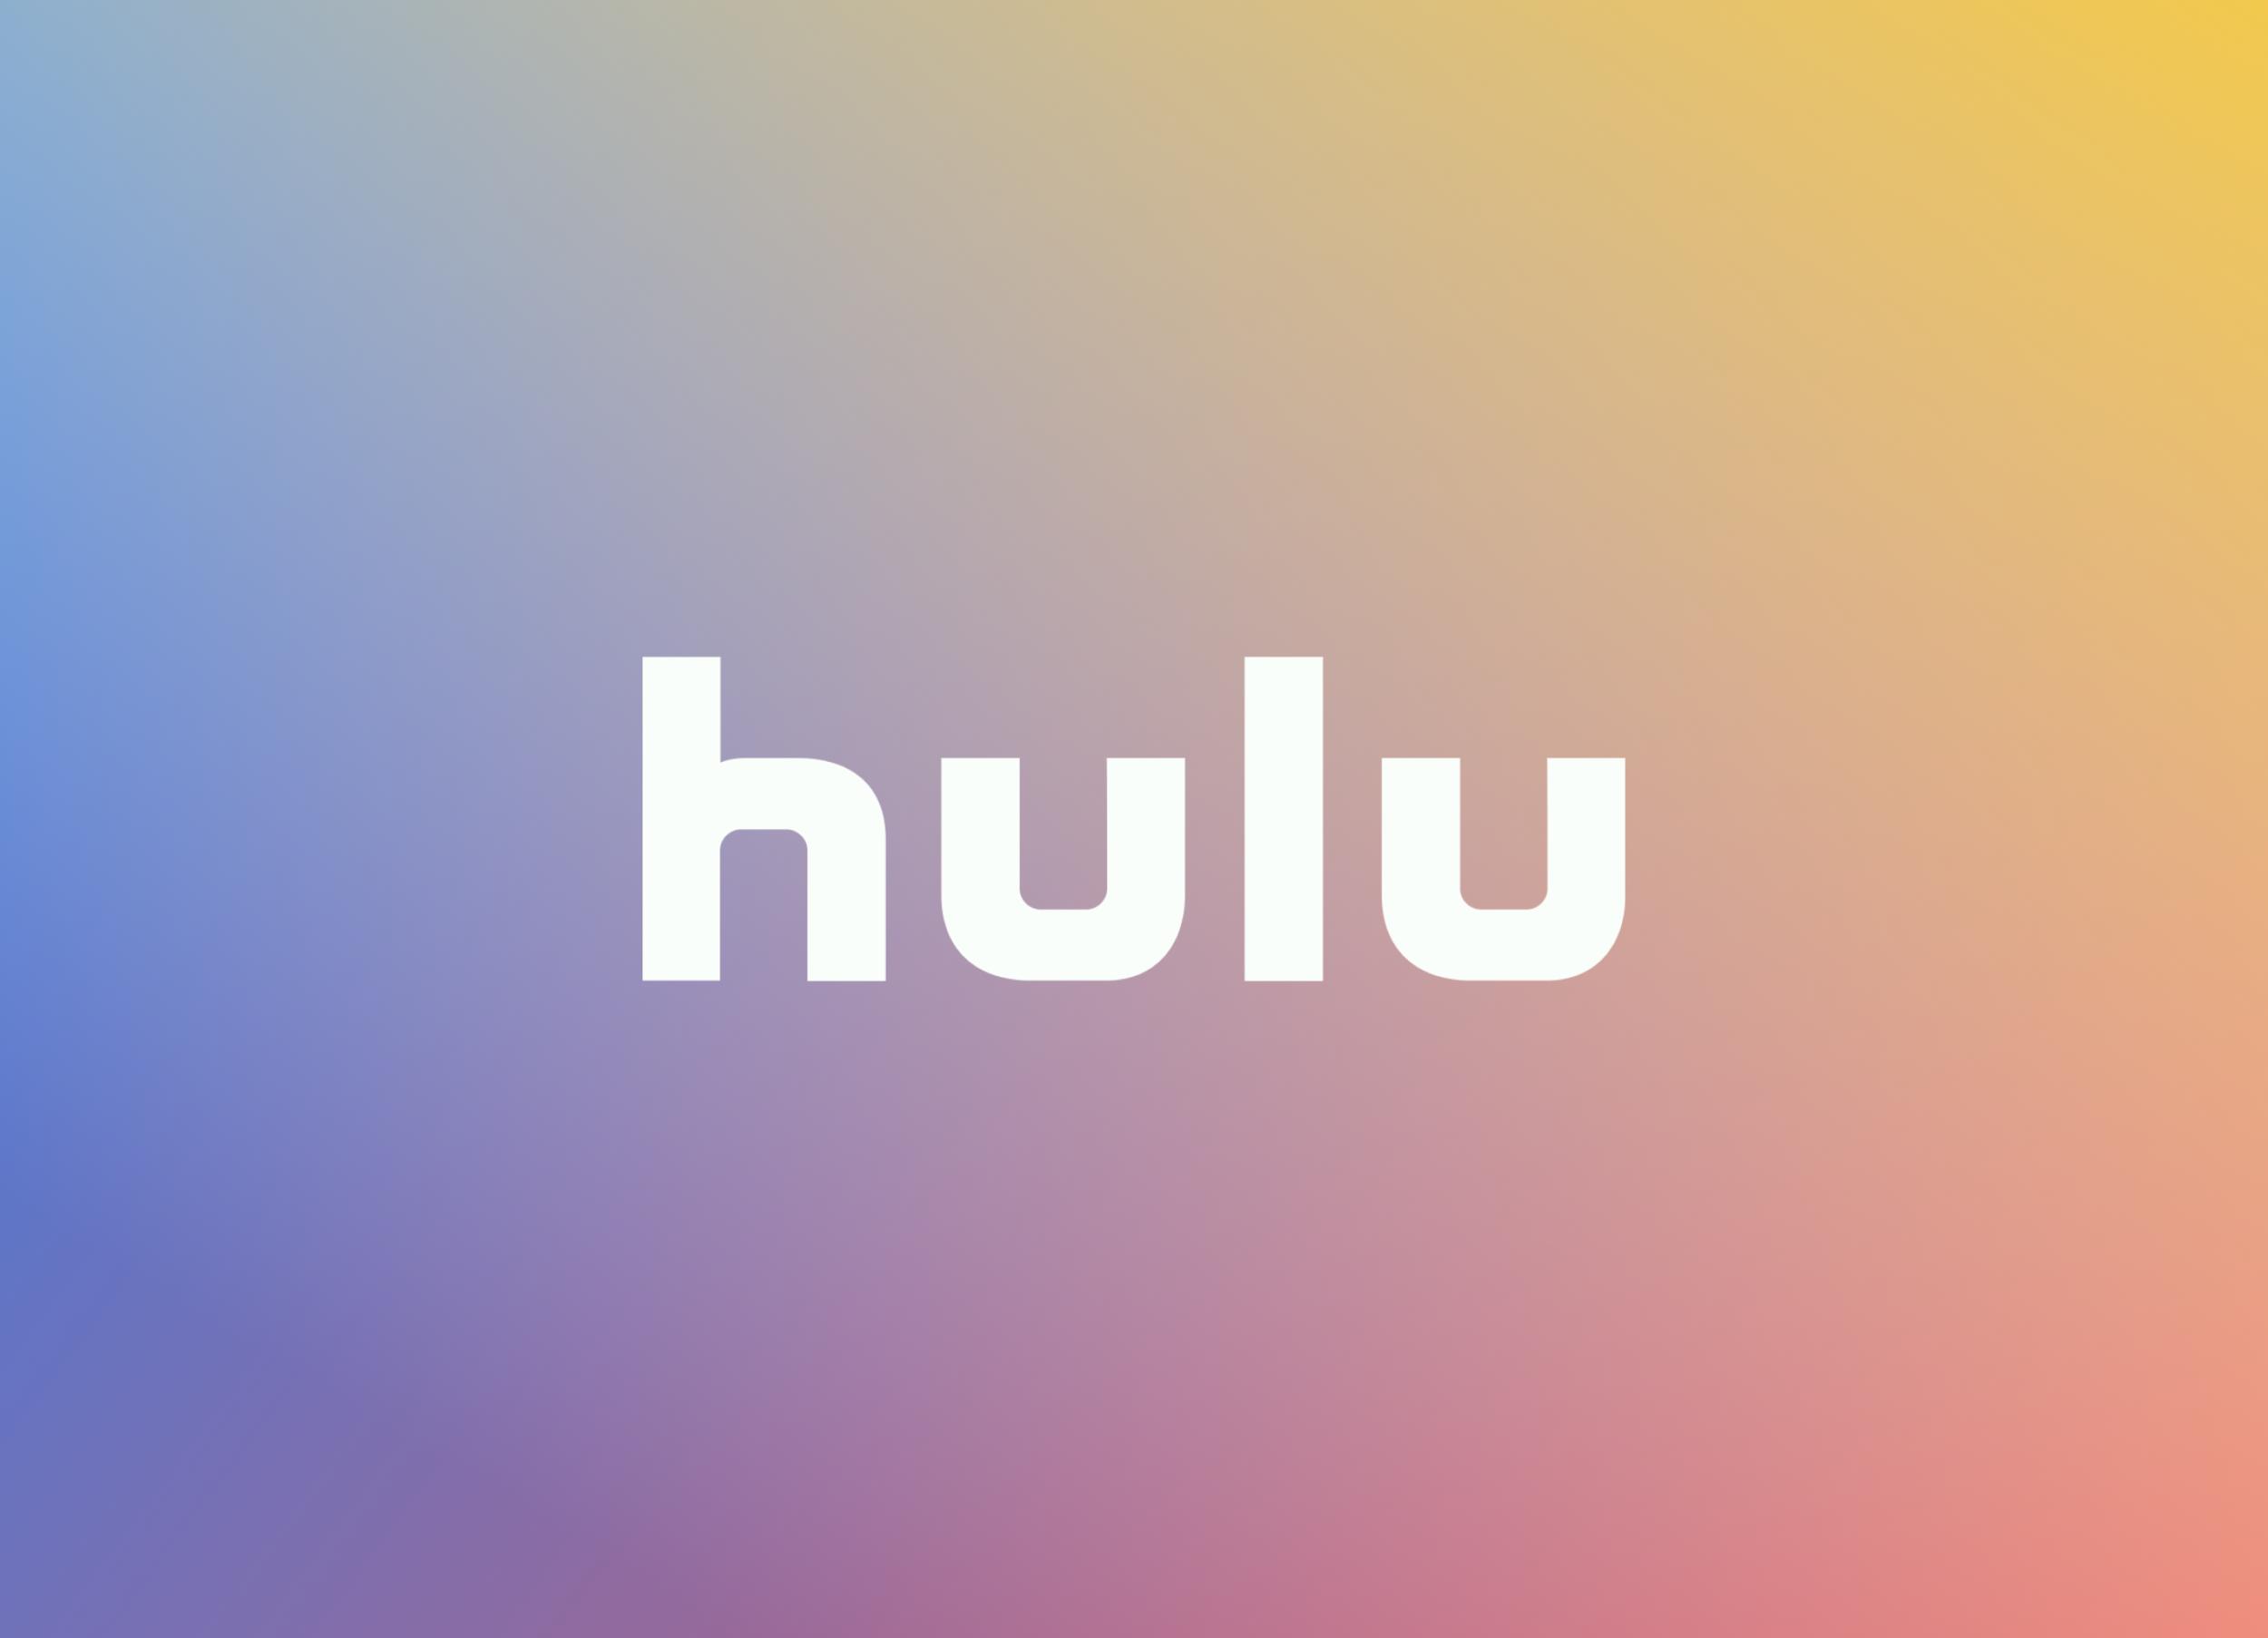 Hulu Case Study - May 2019